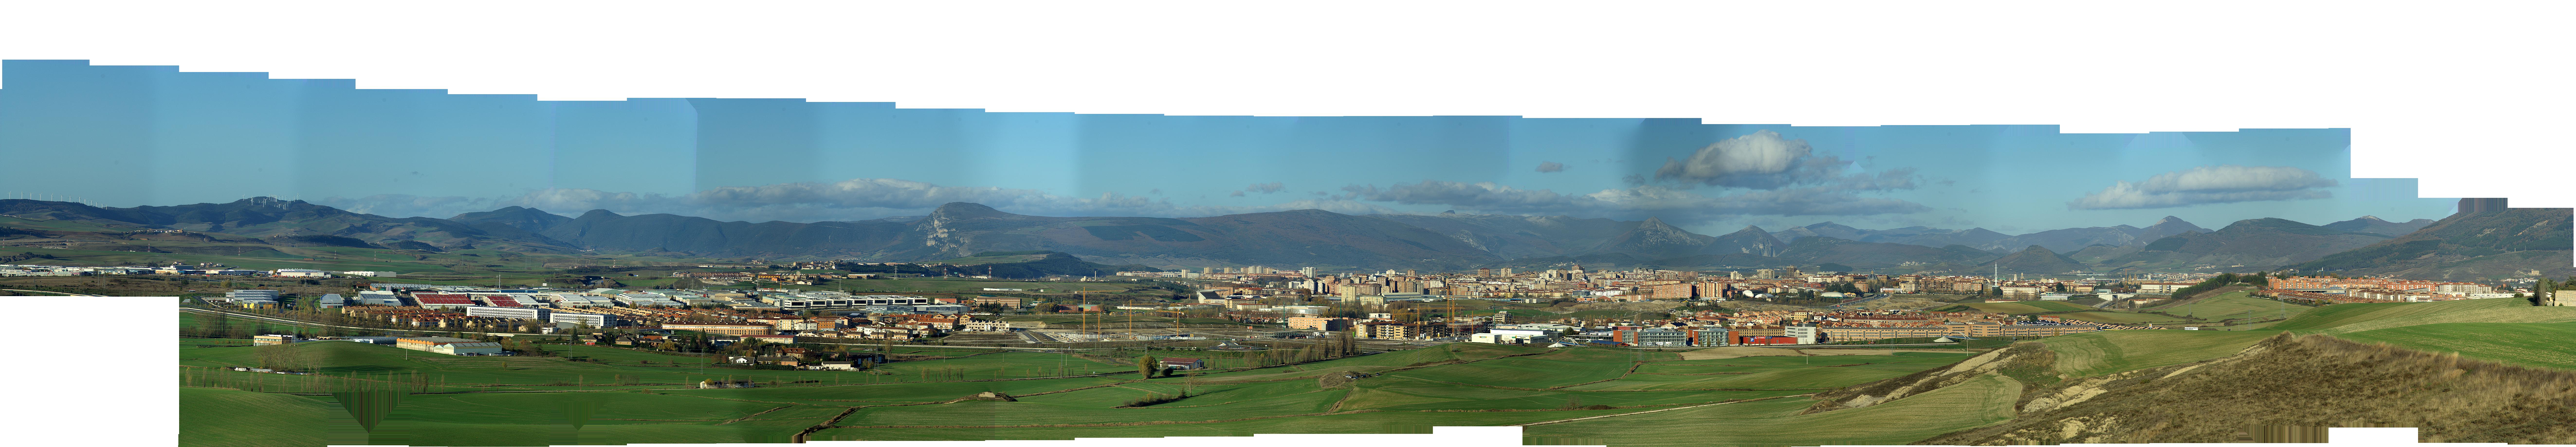 Panorámica de Pamplona desde el Valle de Aranguren